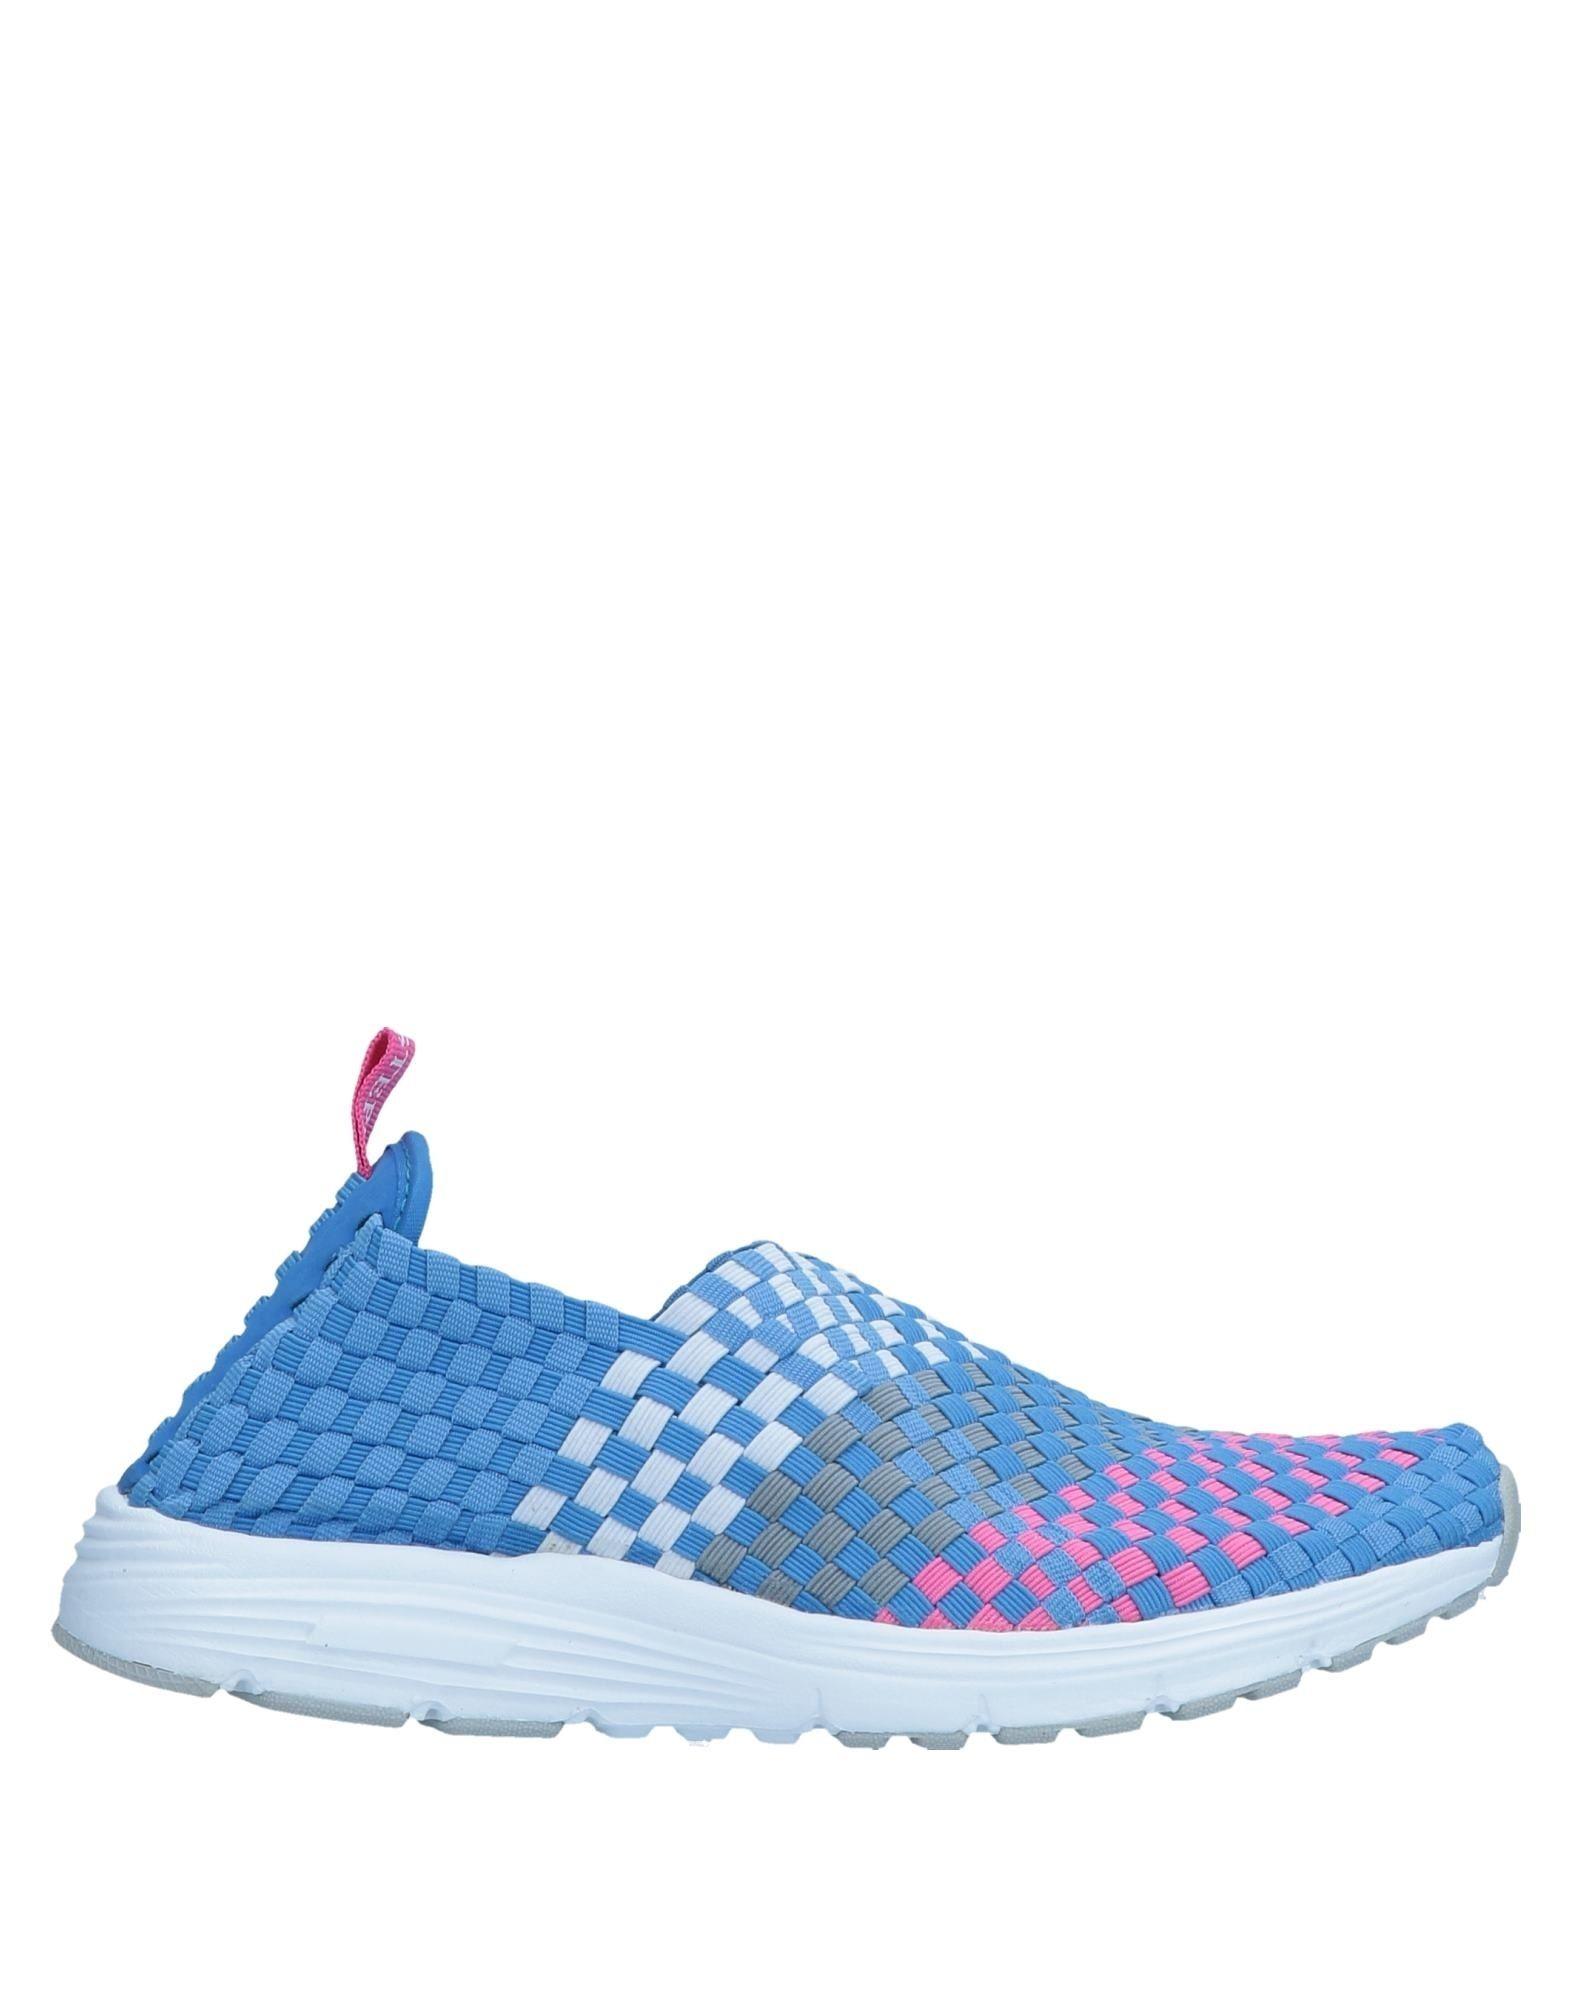 Docksteps Sneakers Damen  11548248FI Gute Qualität beliebte Schuhe